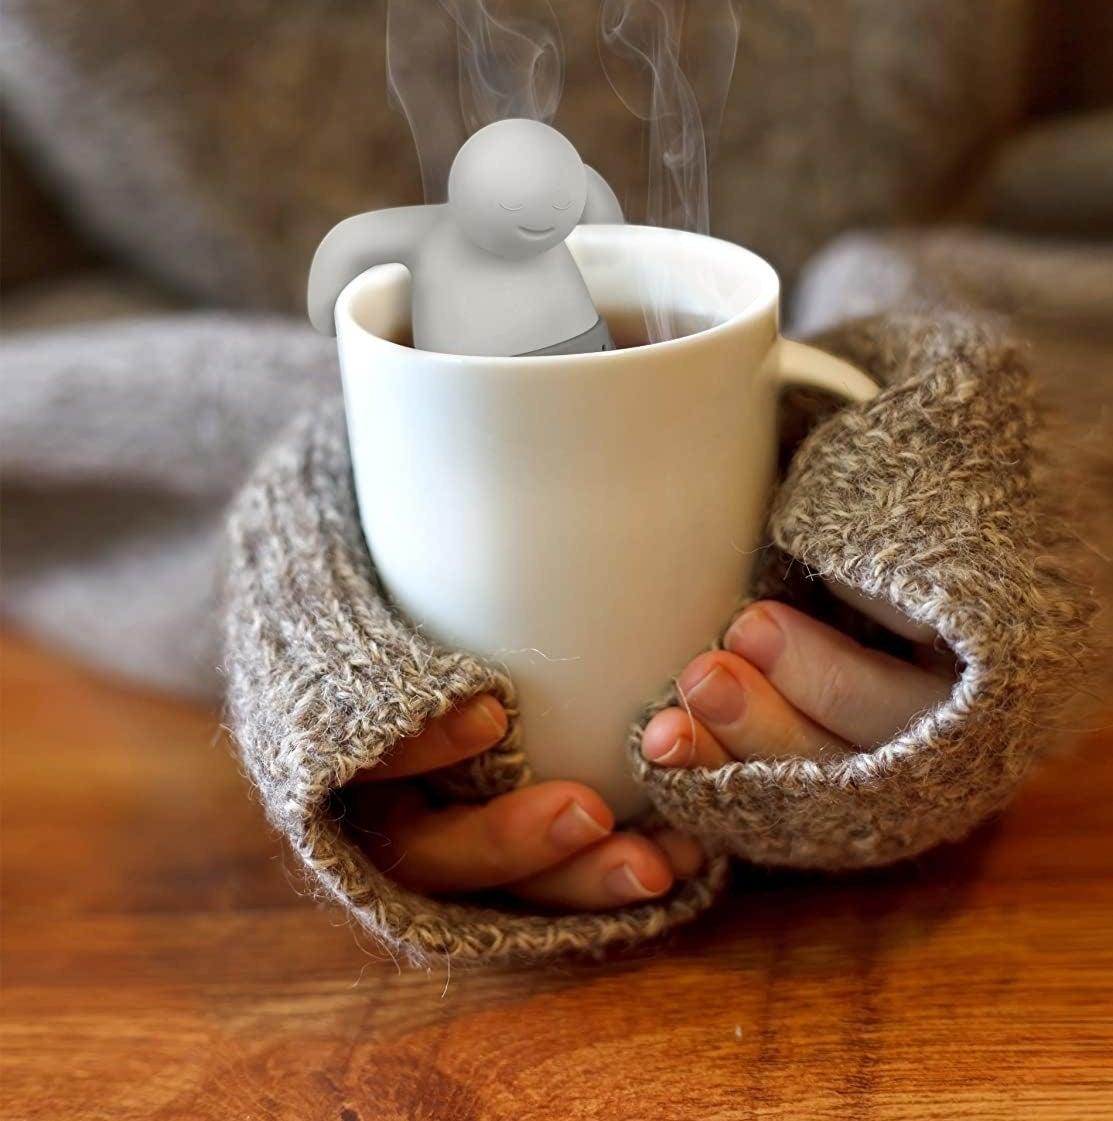 model holding mug with white tea infuser inside